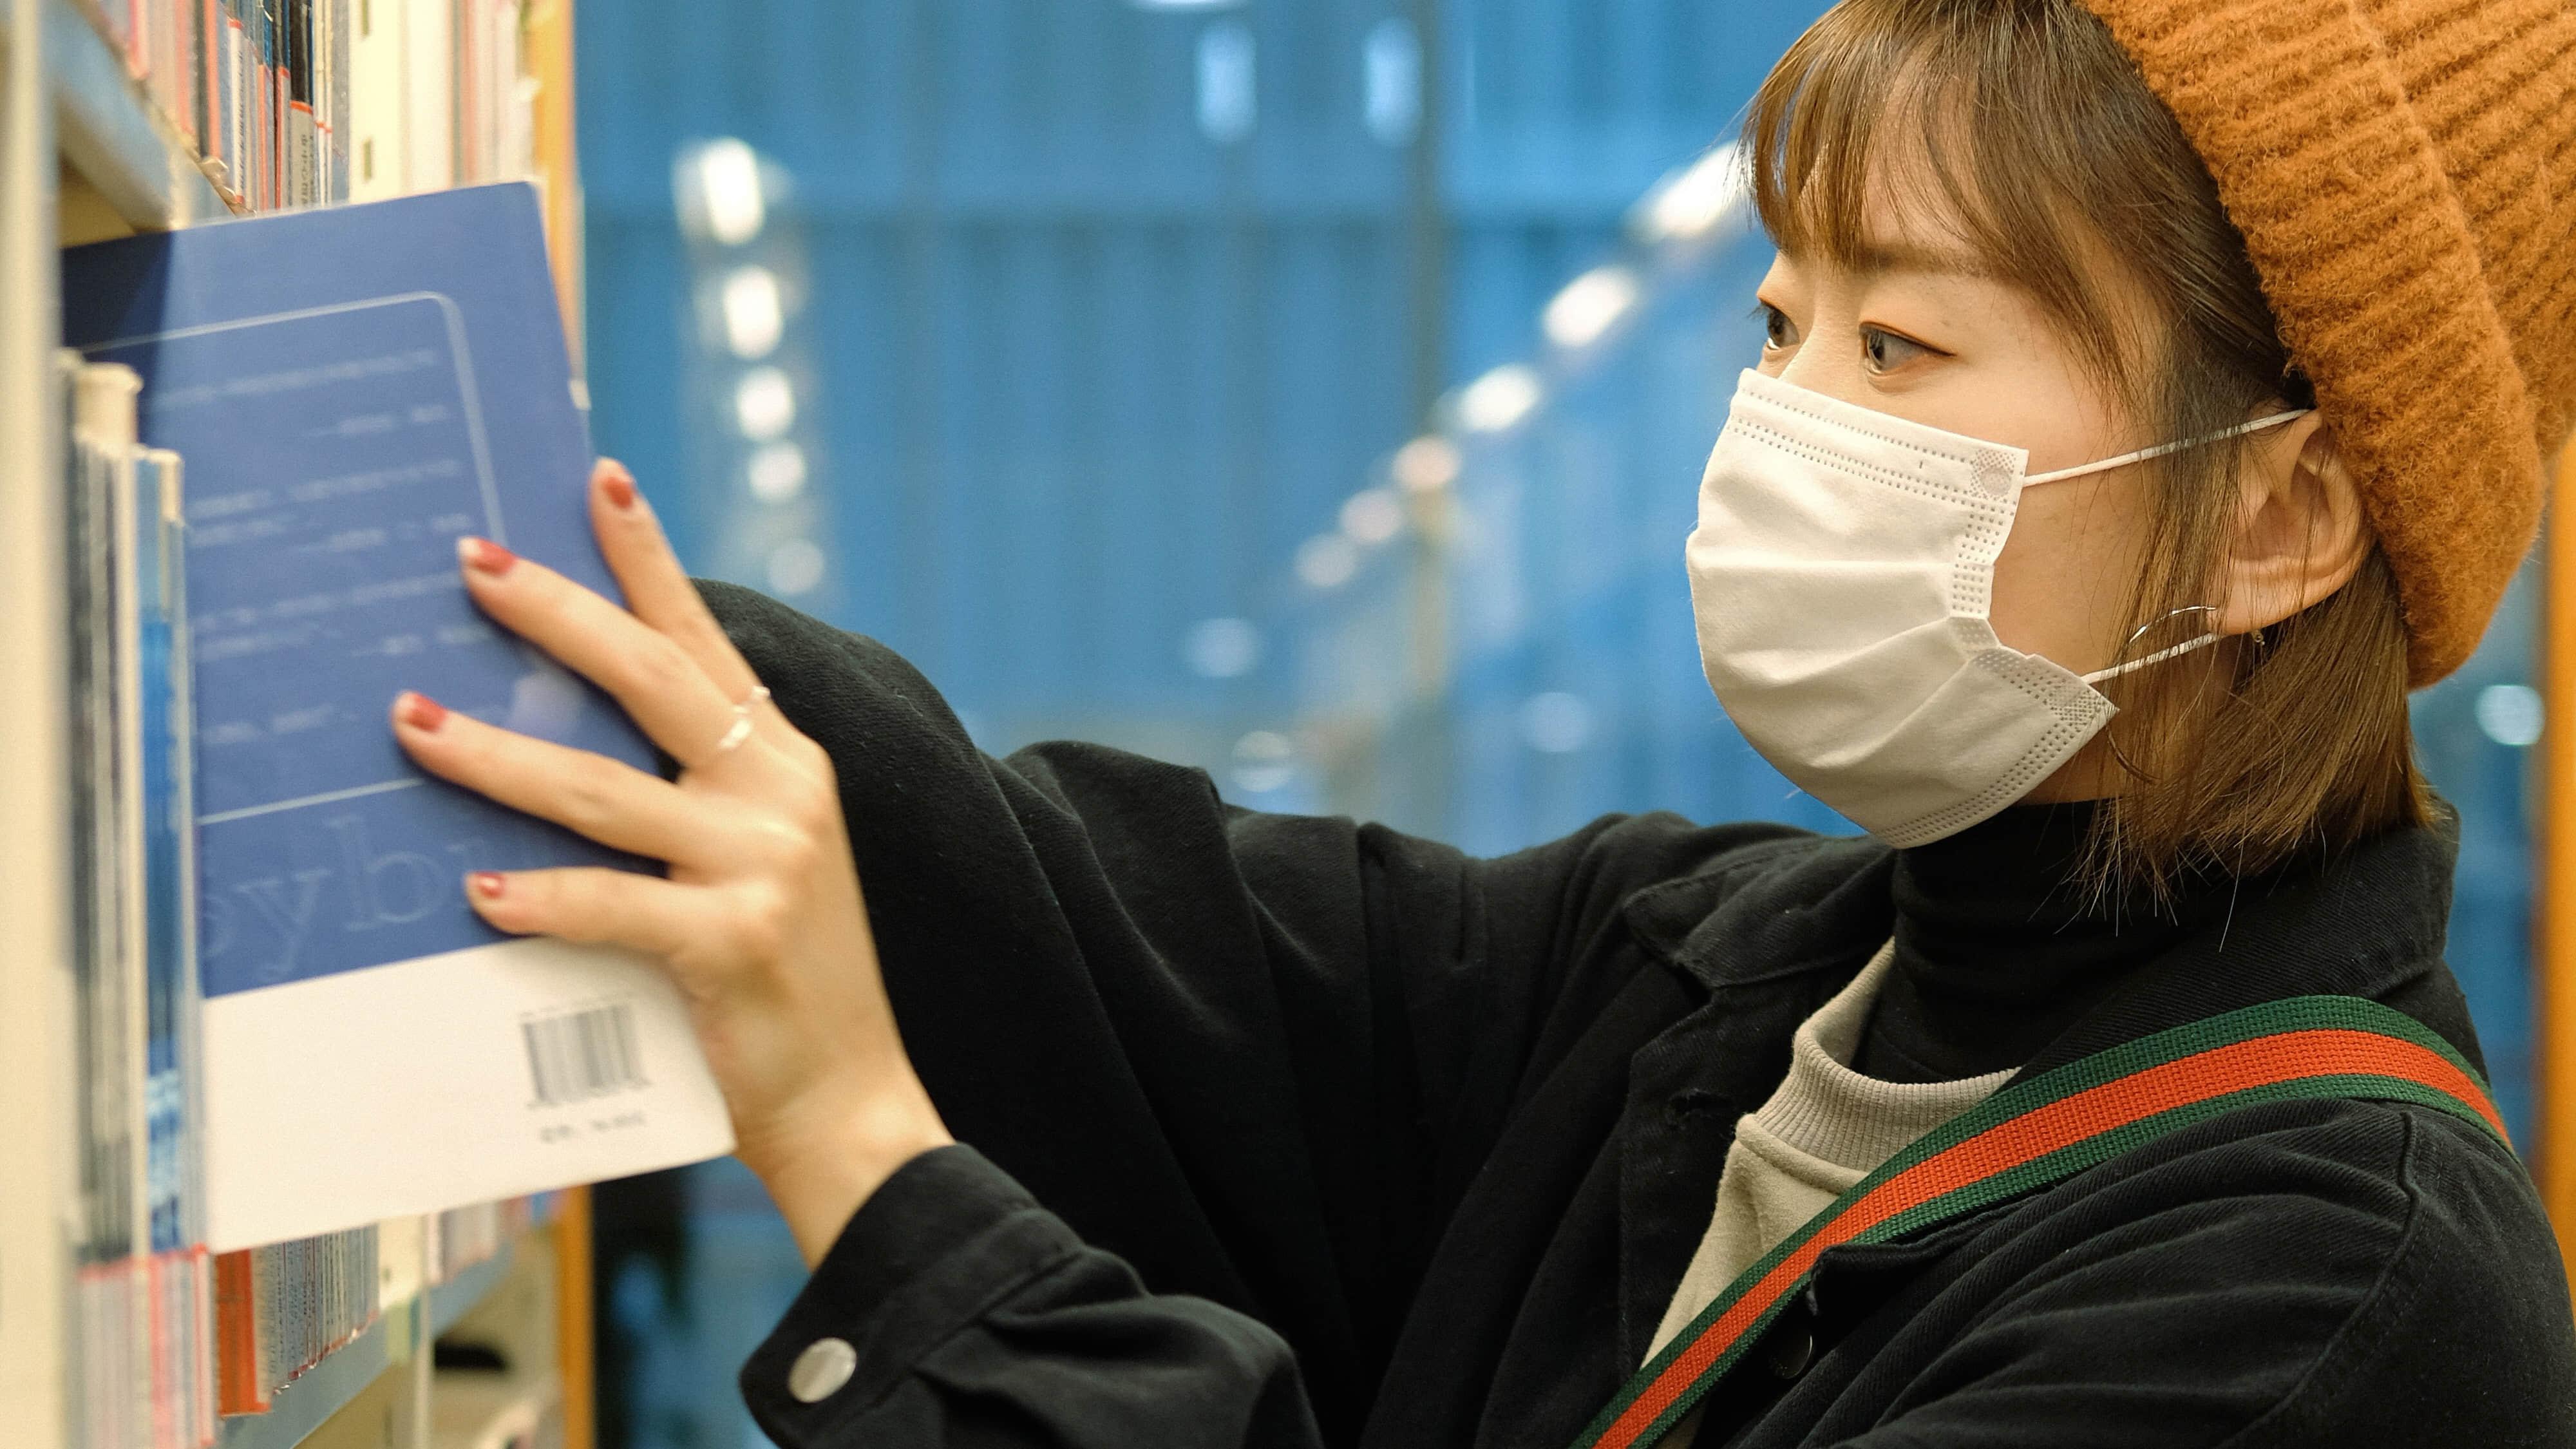 20.12.19蔡妤鸣浦东图书馆2